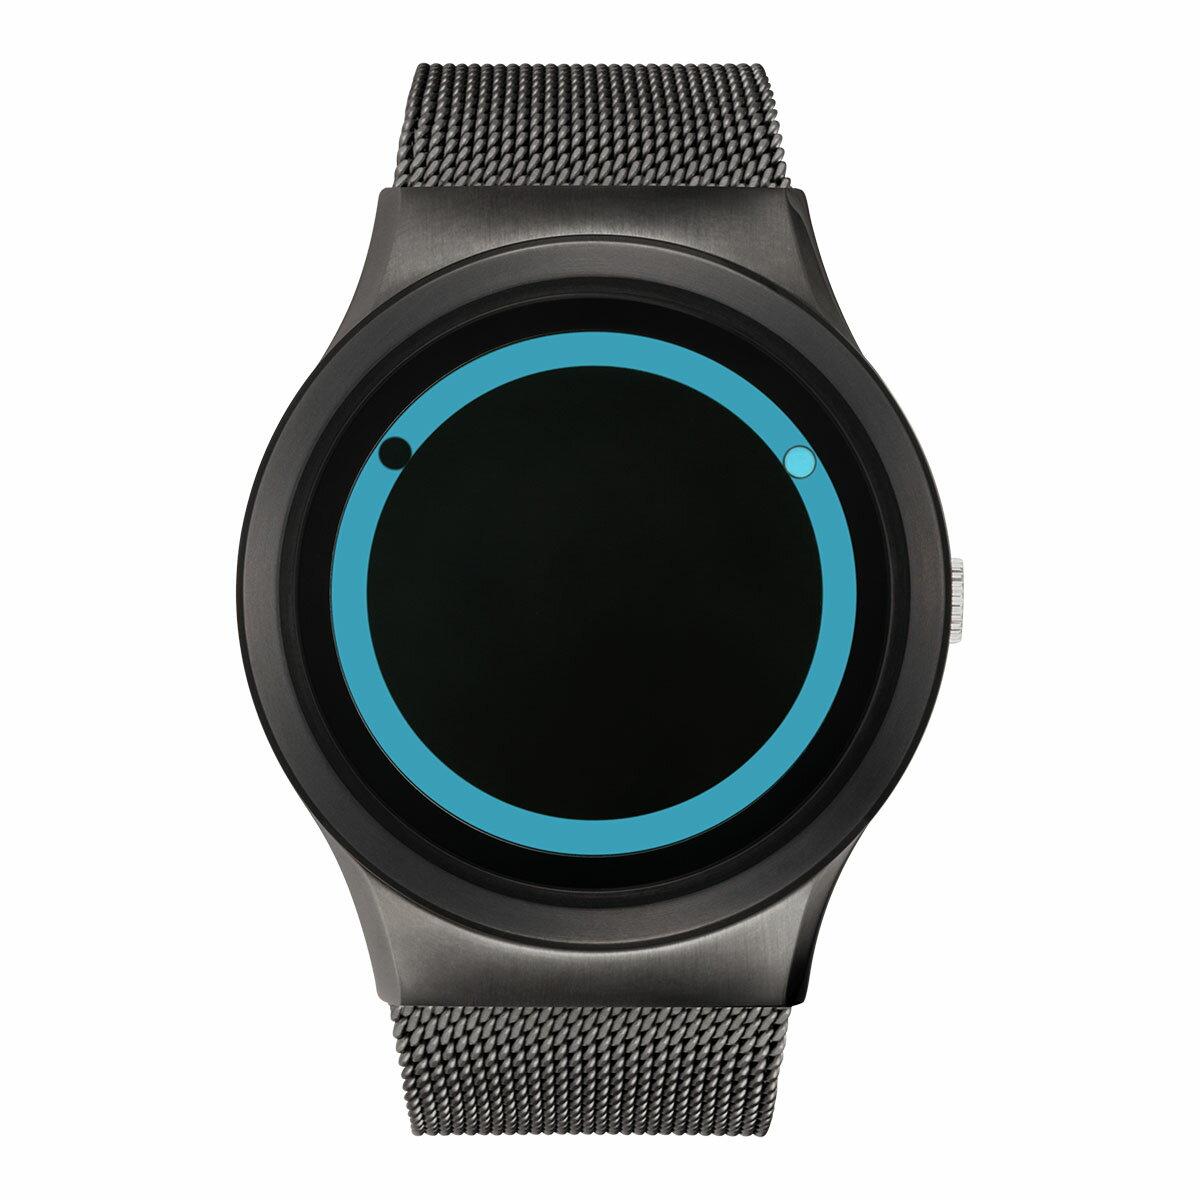 ZEROO PLANET ECLIPSE ゼロ 電池式クォーツ 腕時計 [W13027B02SM02] ブルー デザインウォッチ ペア用 メンズ レディース ユニセックス おしゃれ時計 デザイナーズ